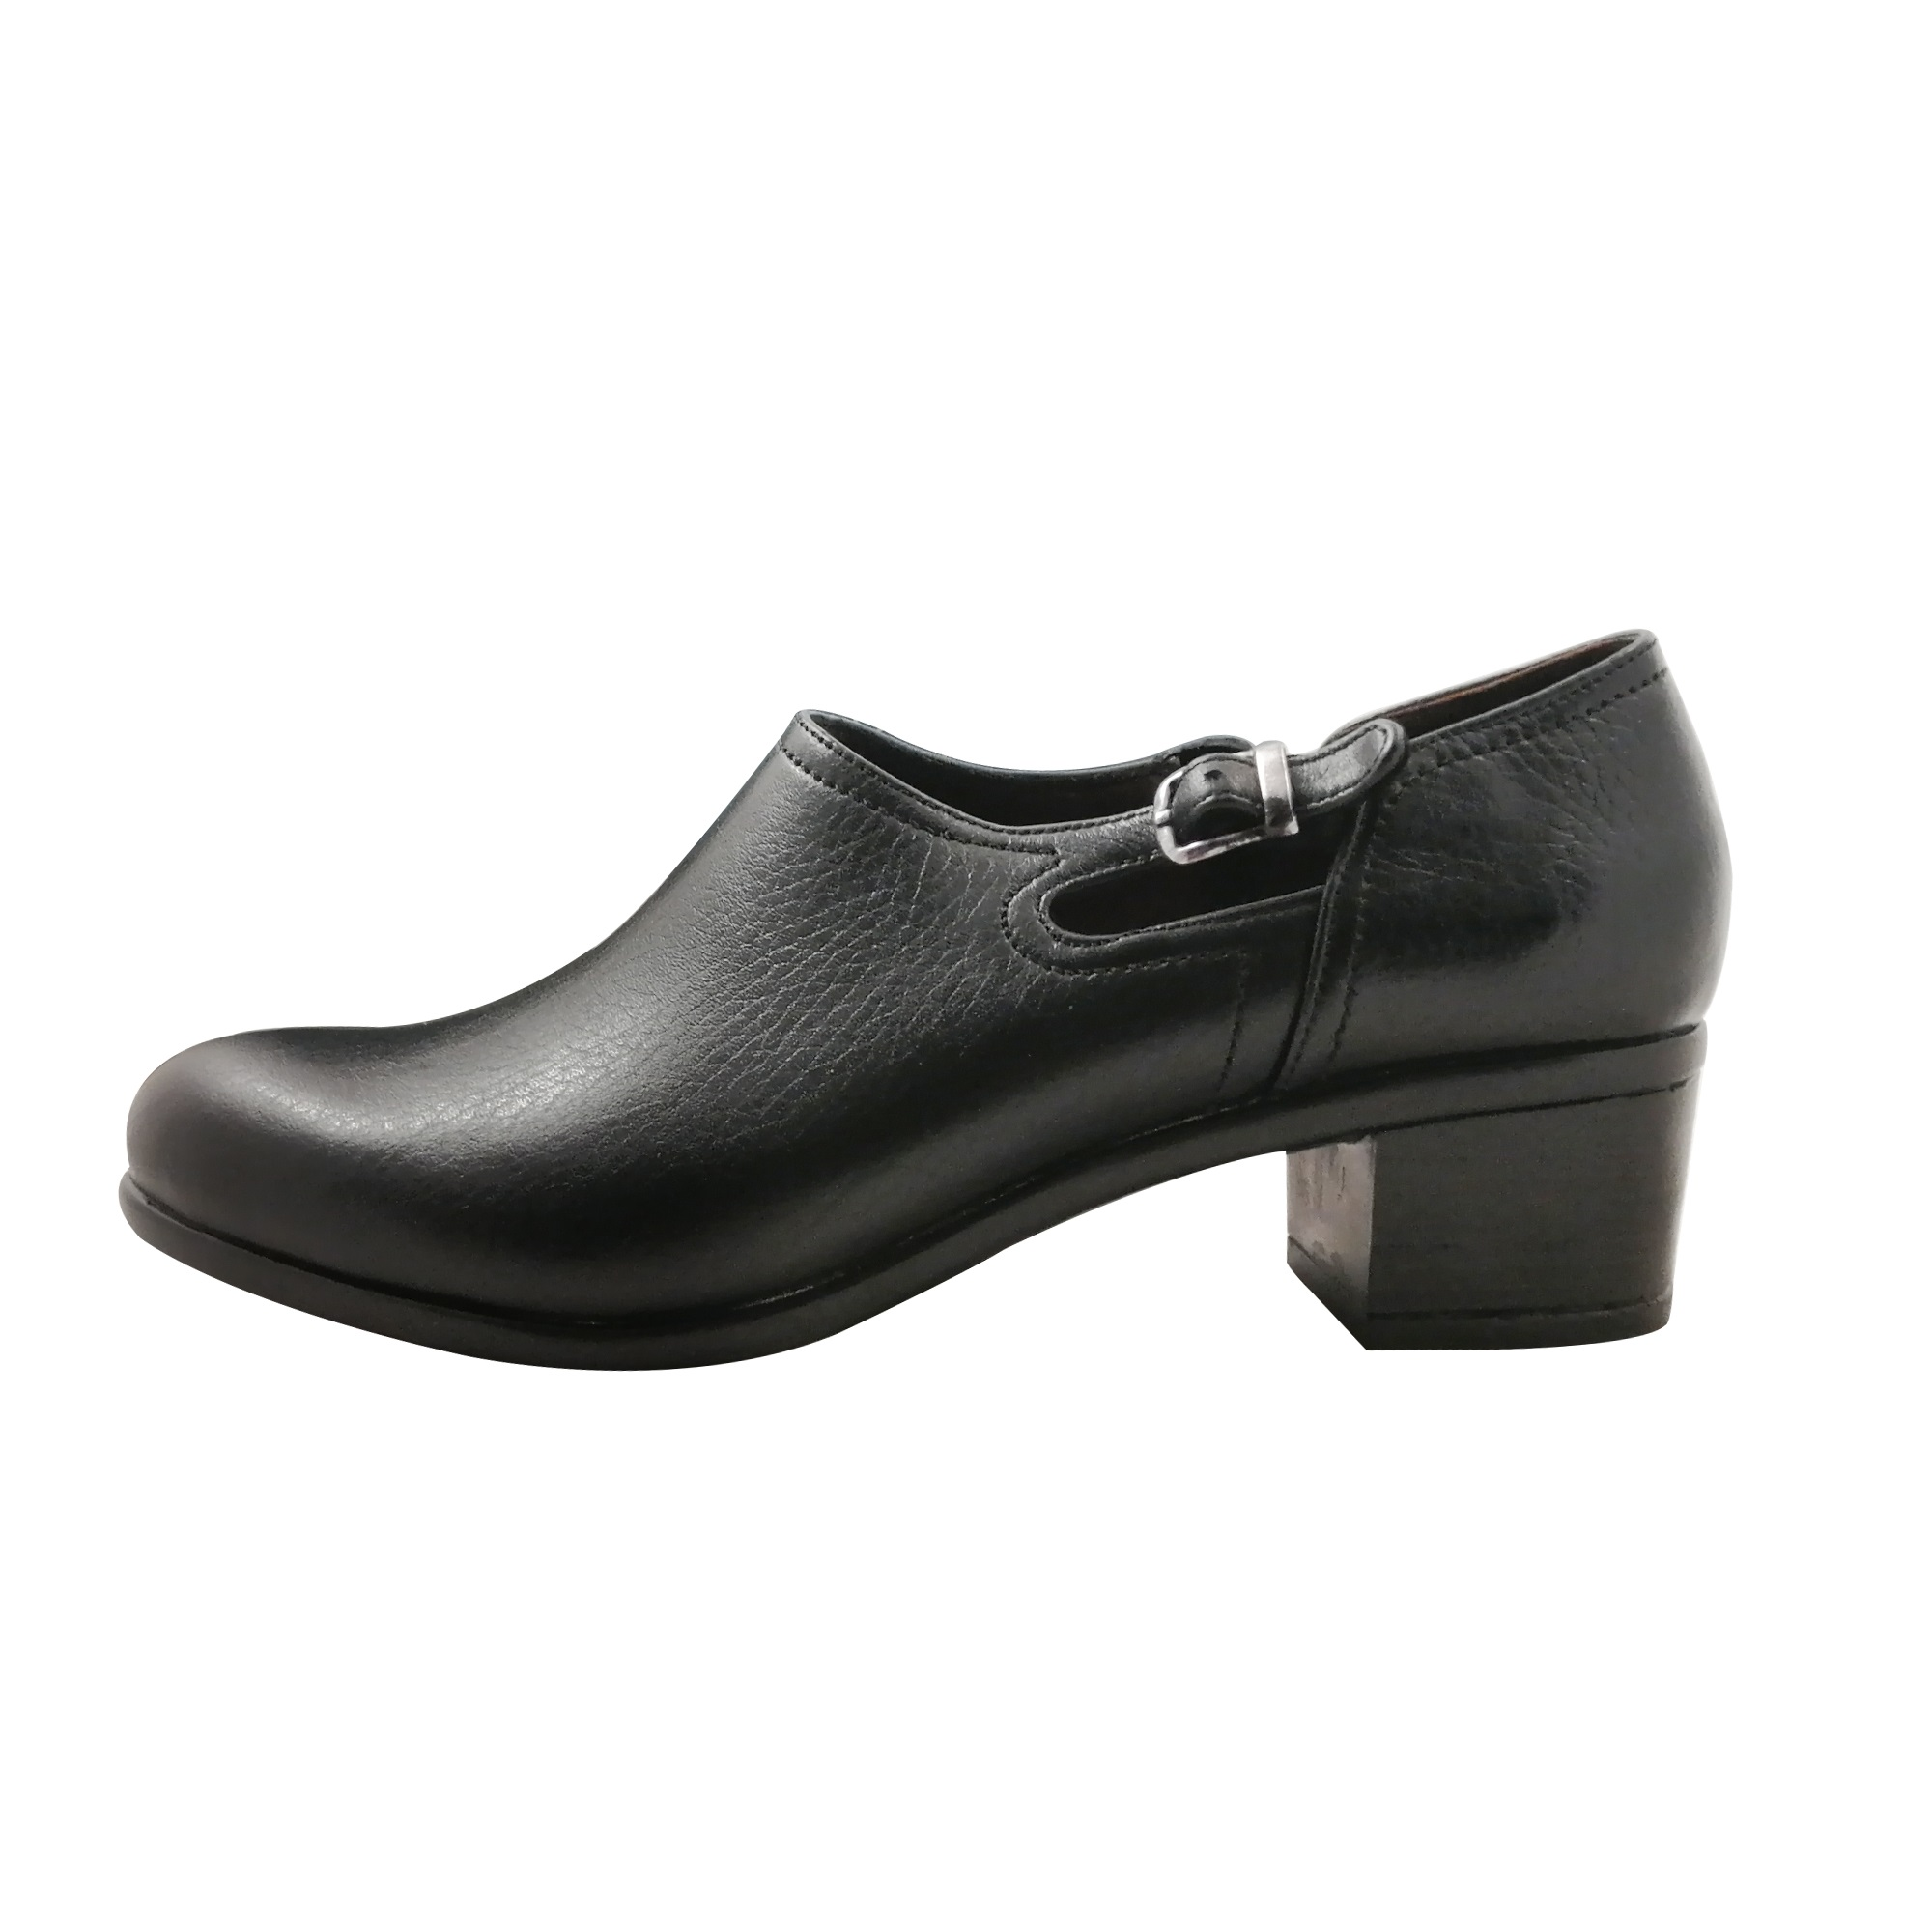 خرید                      کفش زنانه روشن مدل 4030 کد 01